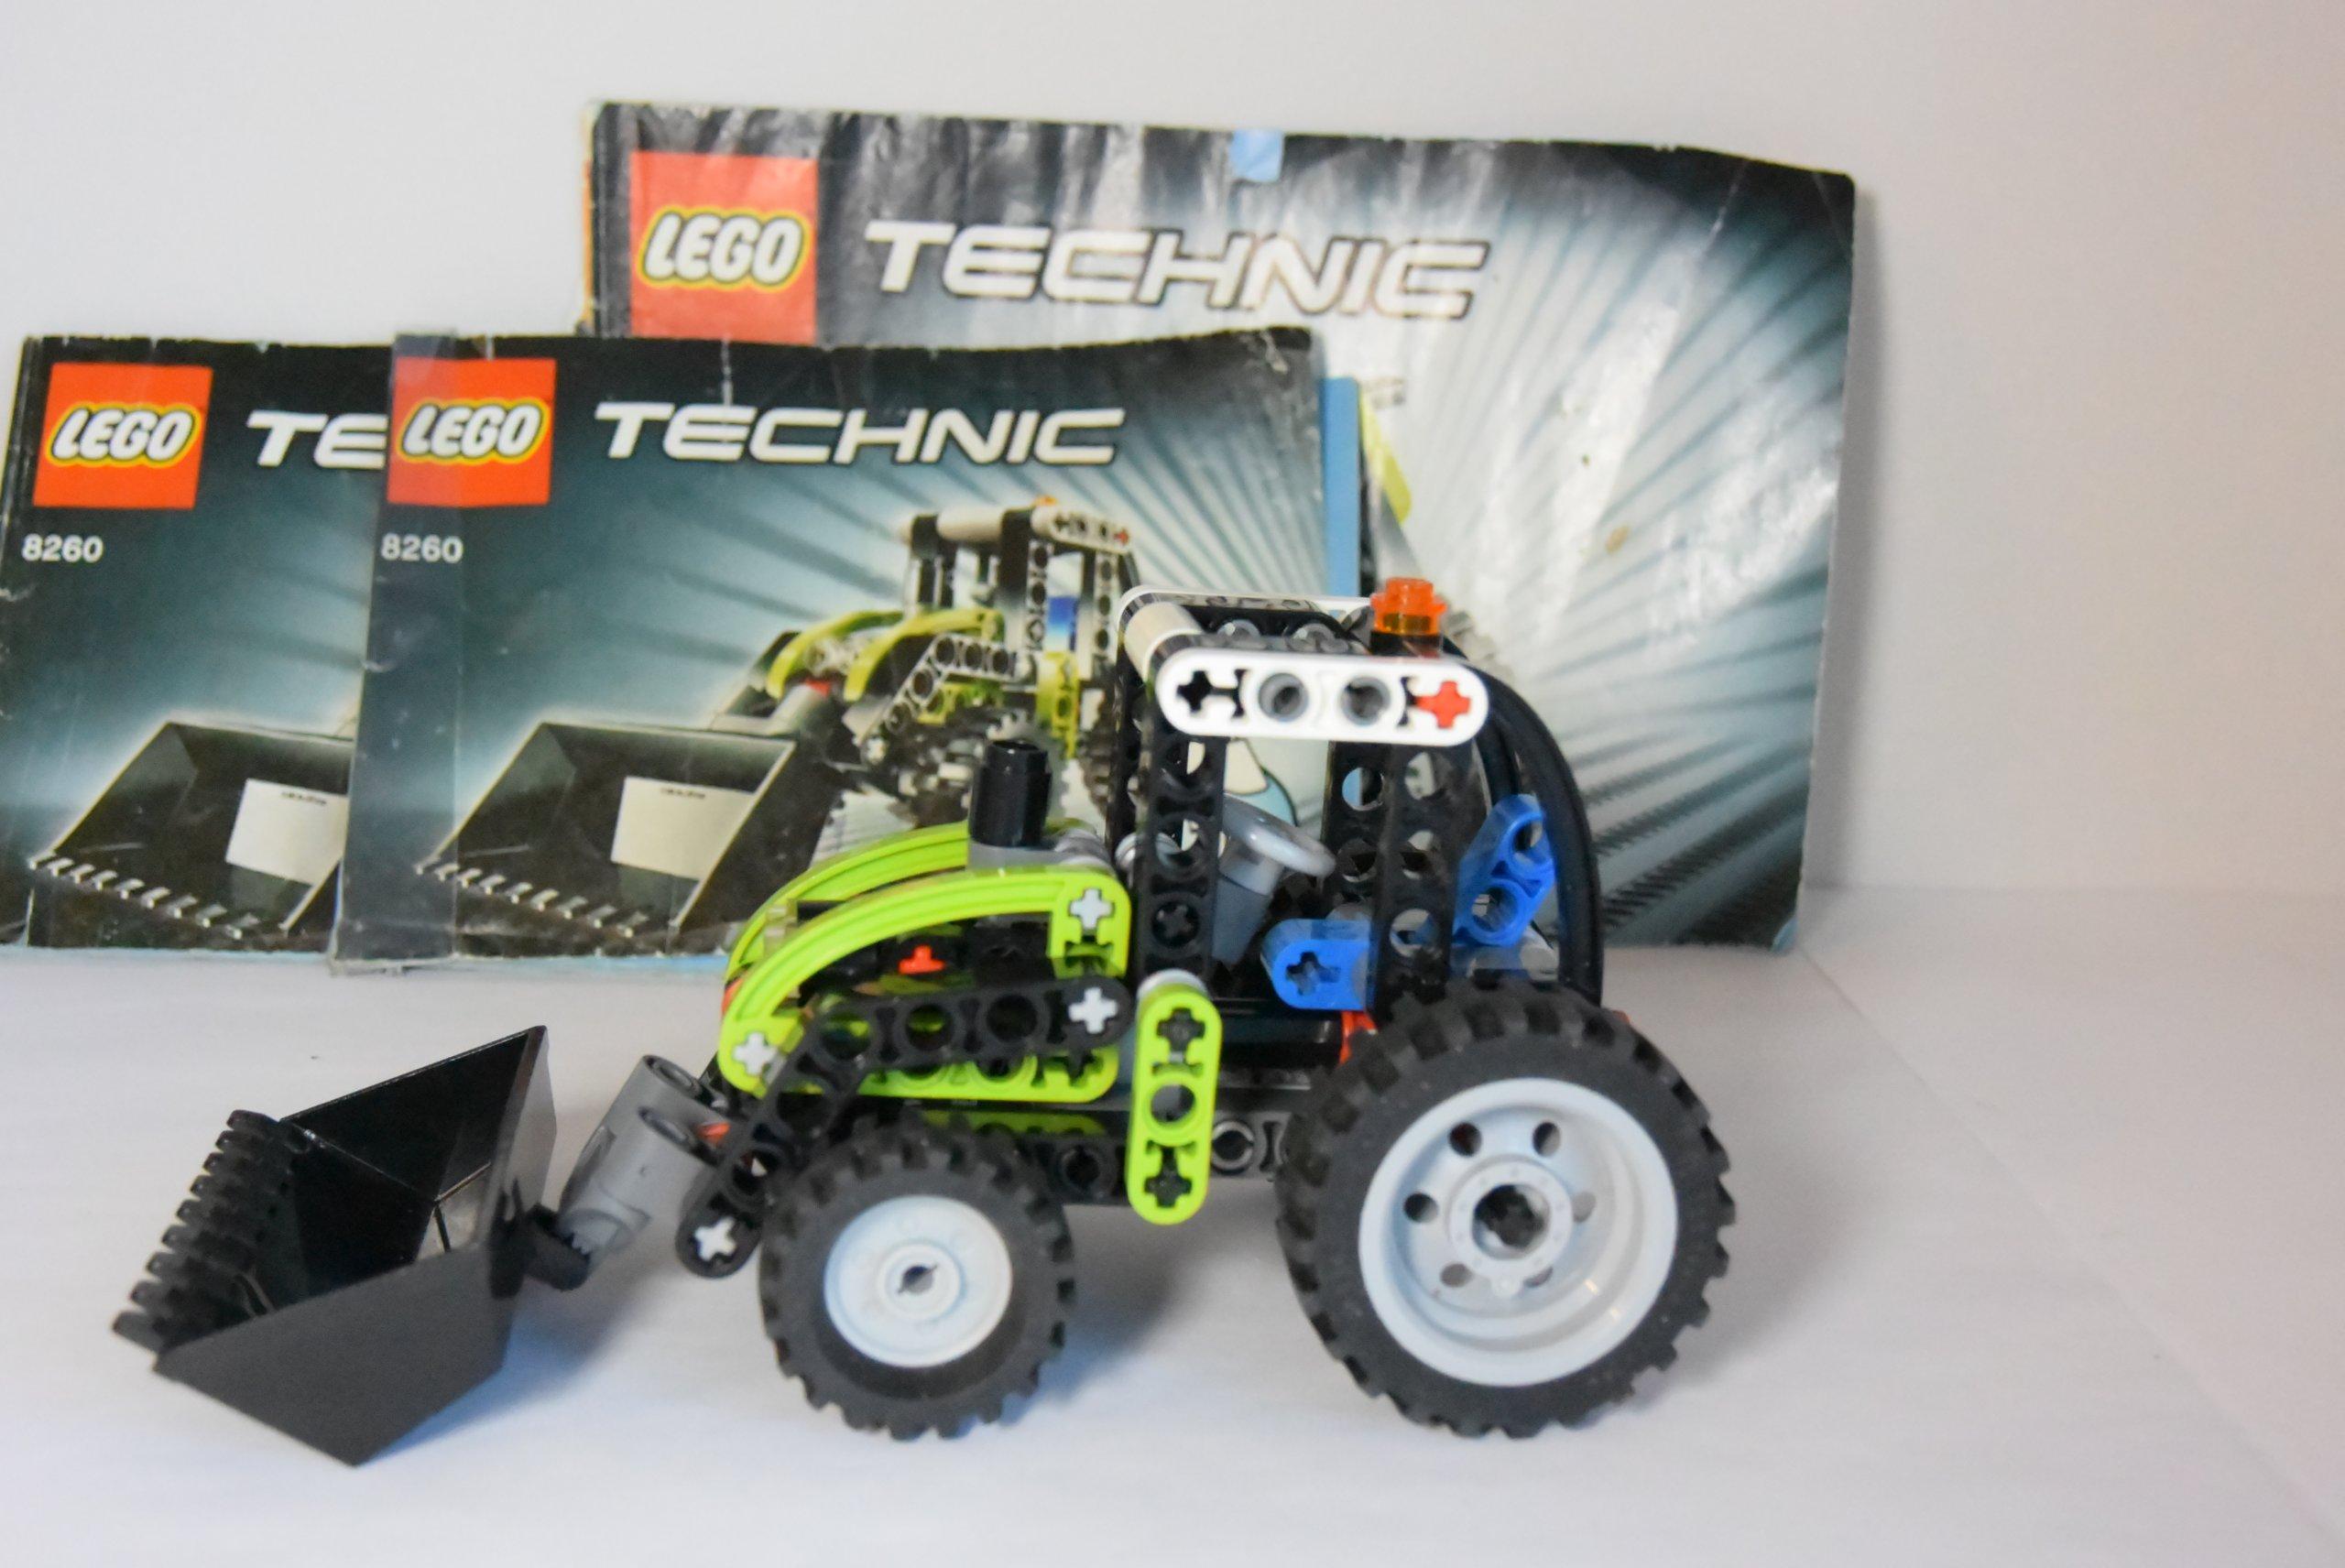 Klocki Lego Technic 8260 Traktor 2w1 7243934865 Oficjalne